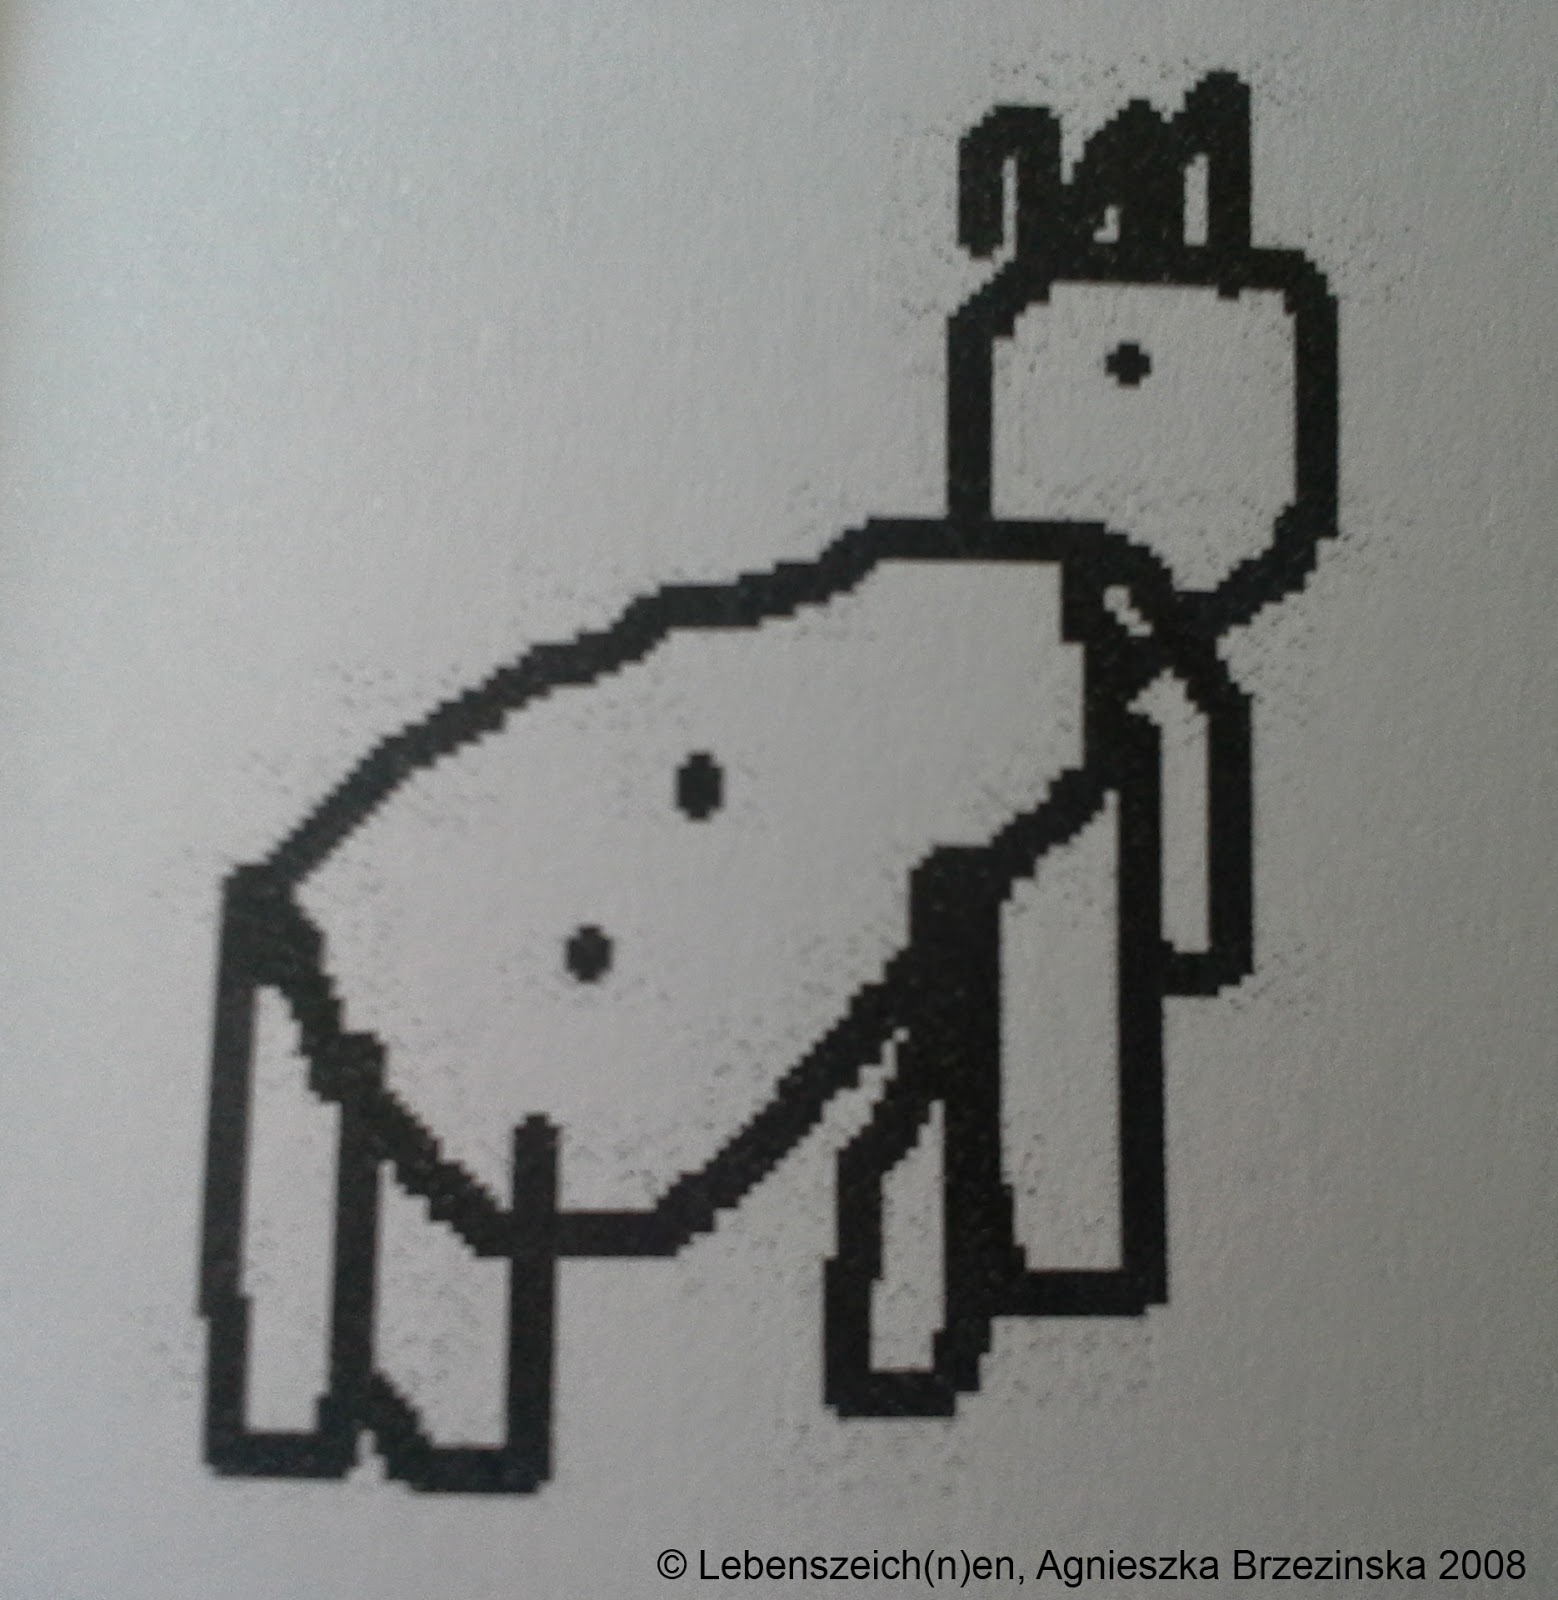 Lebenszeichnen, Kindermalbuch von Agnieszka Brzezinska, Beispiel einer Zeichnung